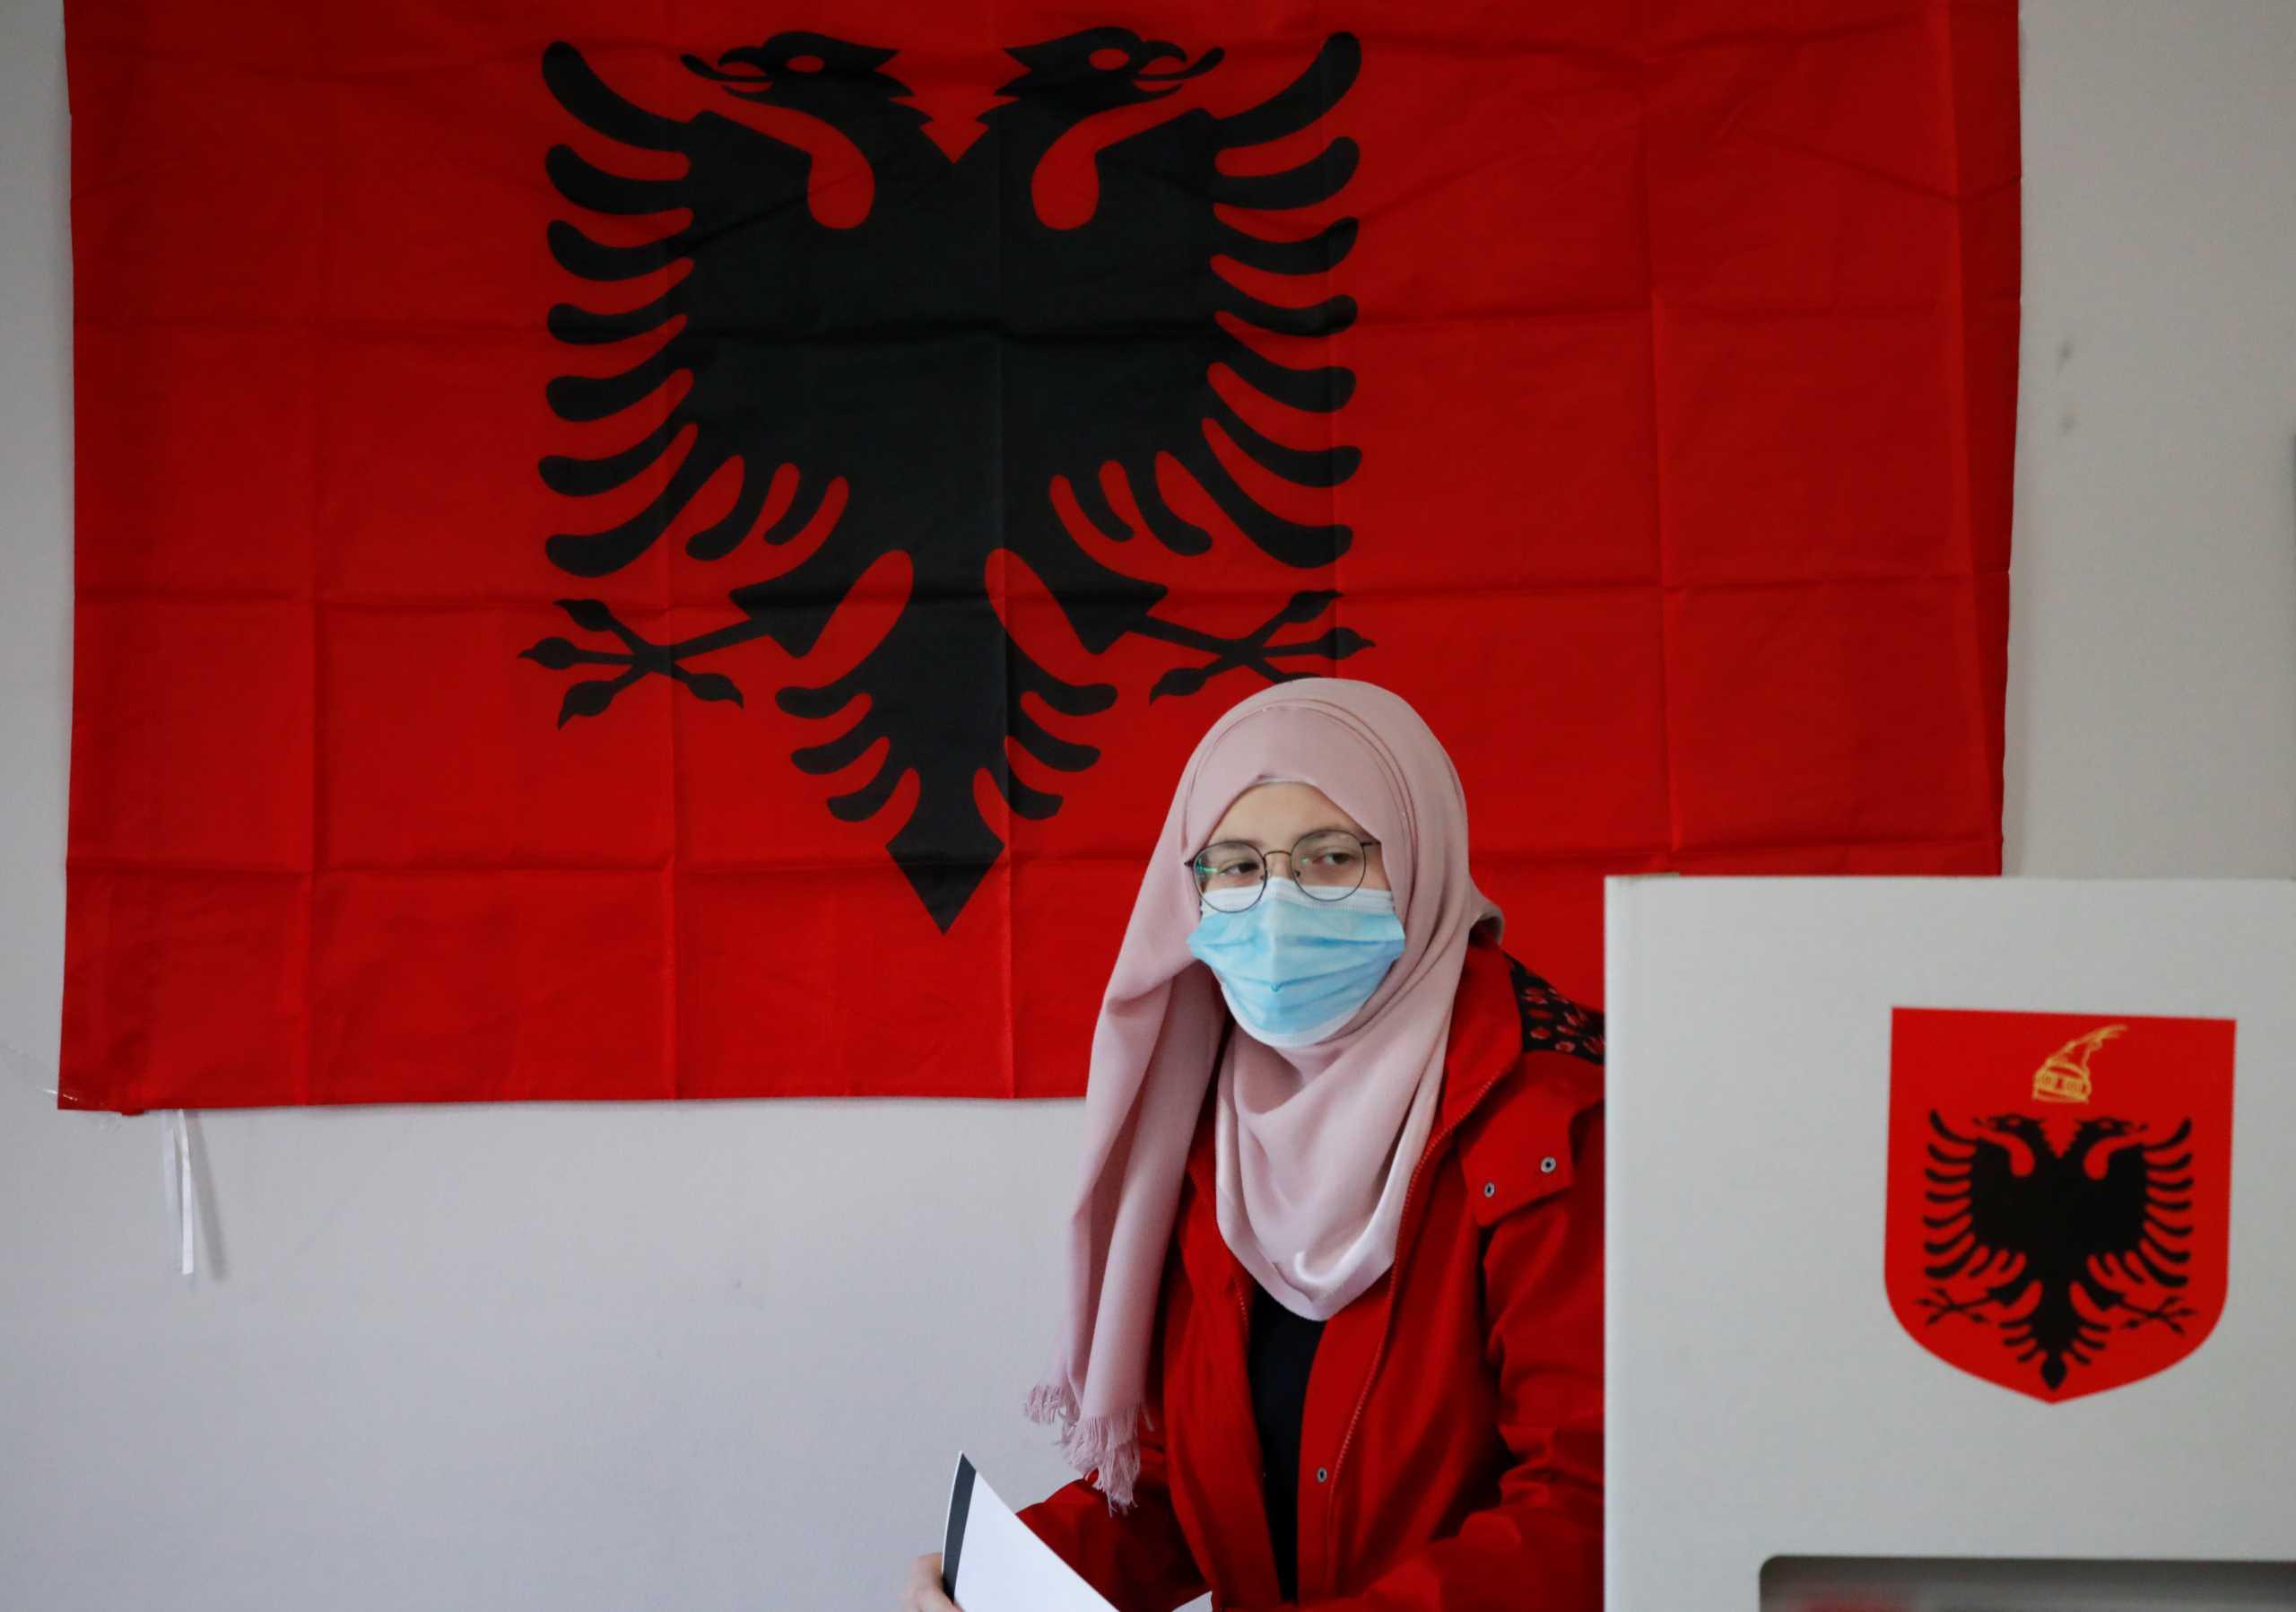 Αλβανία: Νίκη Ράμα δείχνουν τα μέχρι στιγμής αποτελέσματα των εκλογών